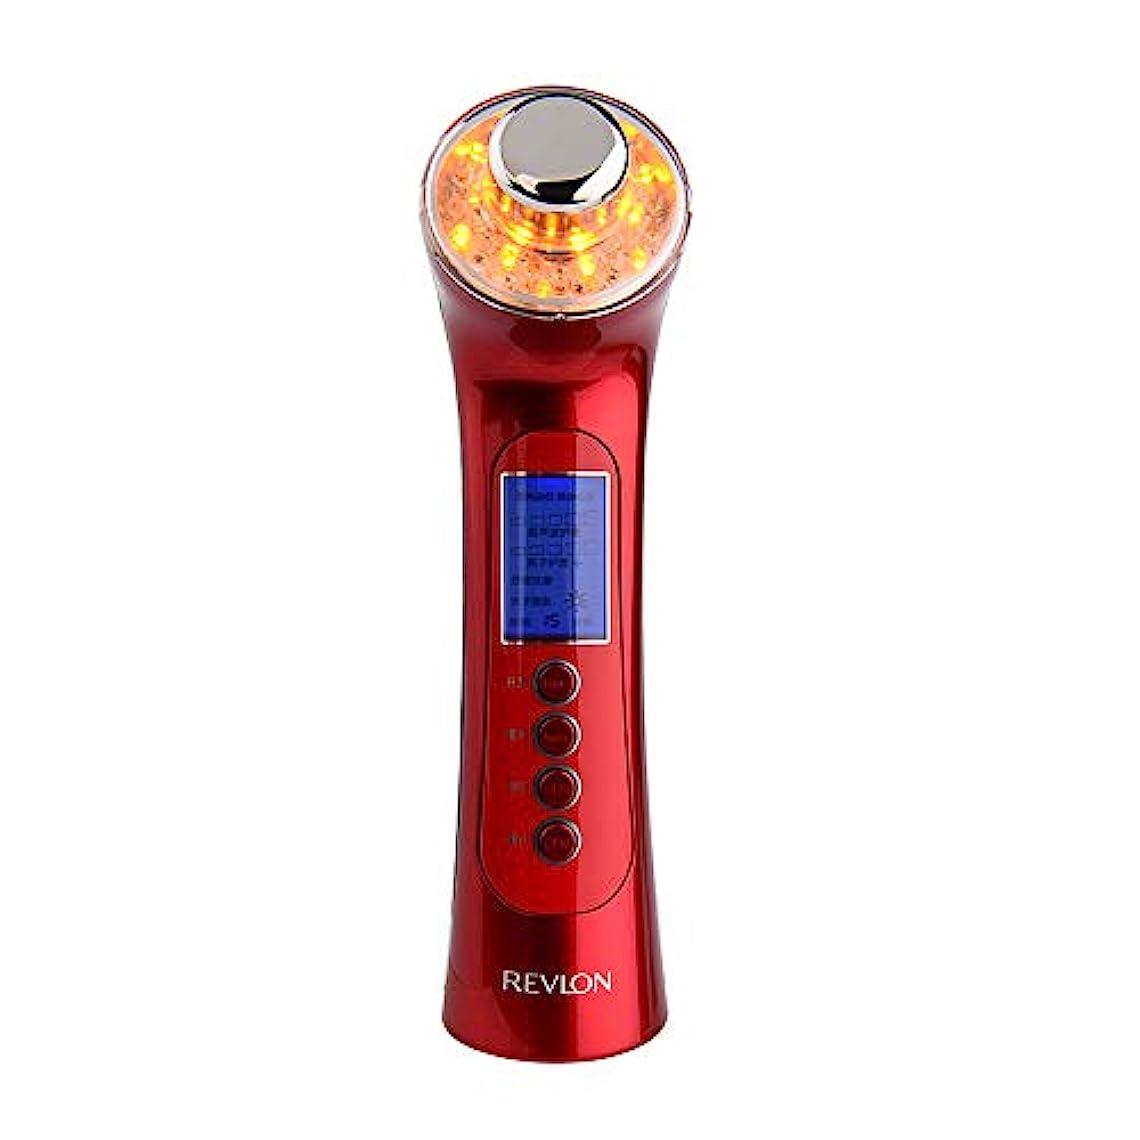 若者孤独な深遠肌を引き締め機、5に1で5洗顔マッサージマッサージマッサージャーで3色ライトディープクレンジングアンチエイジング多機能振動美容機器